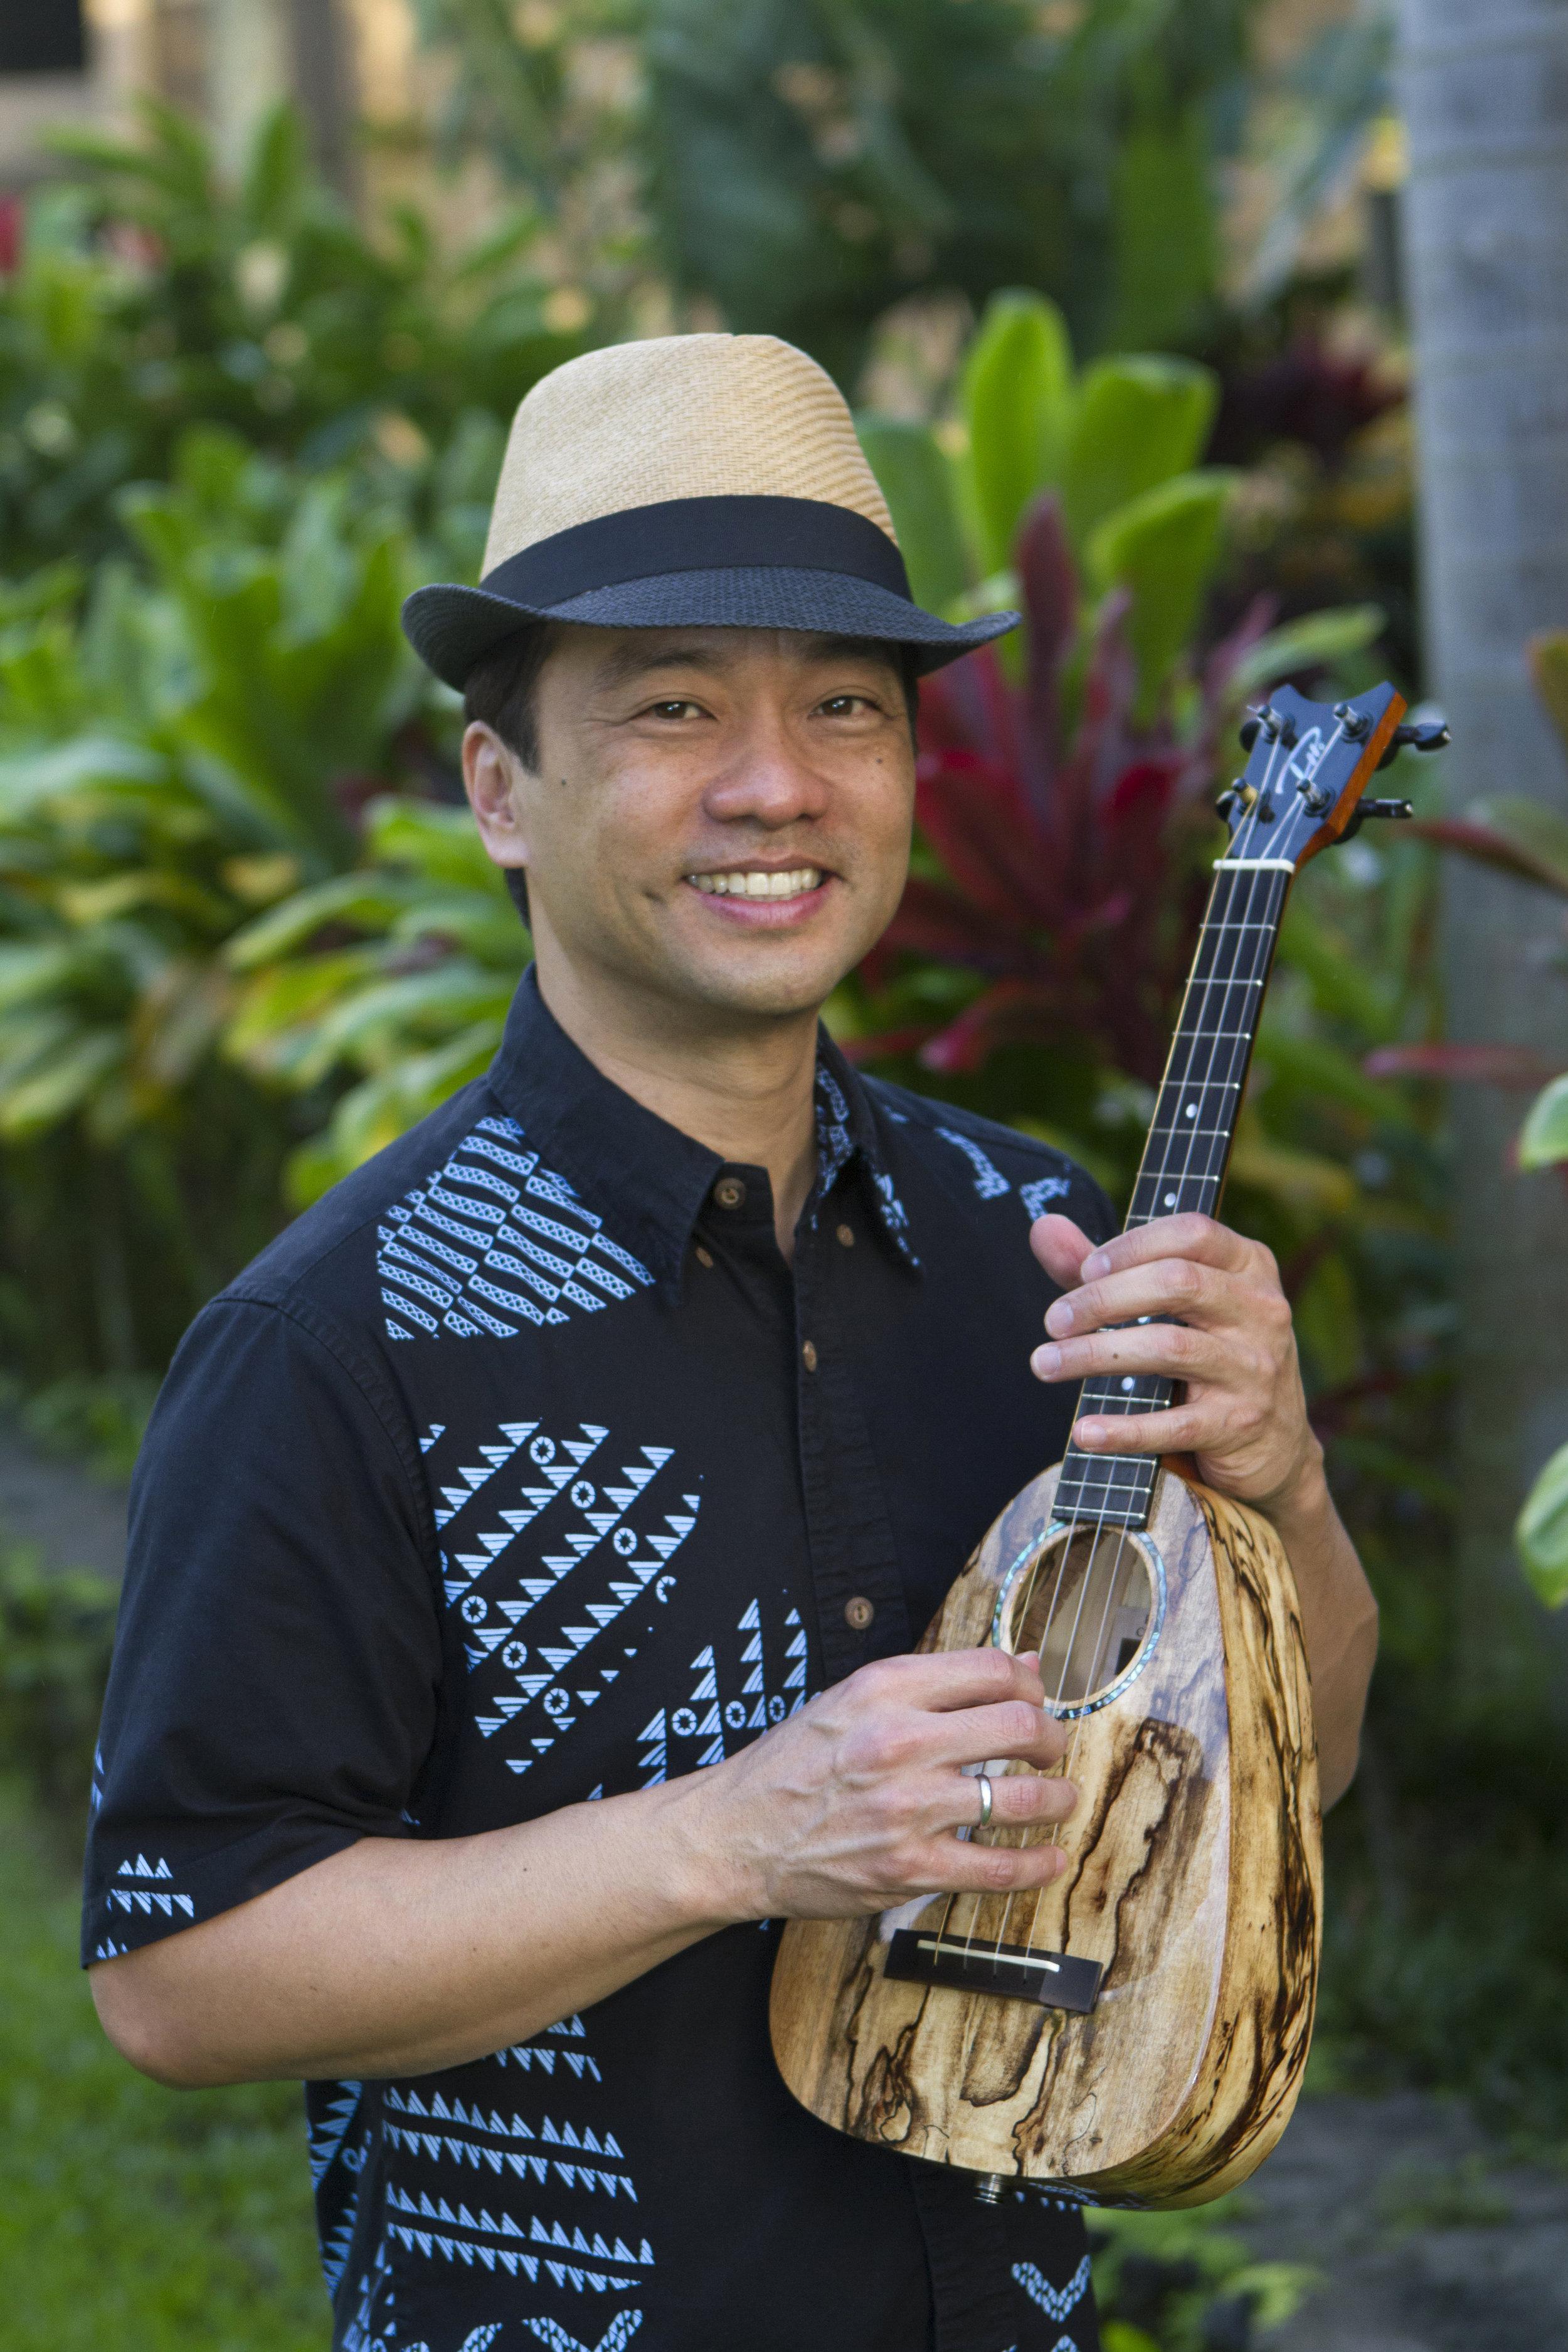 Daniel Ho with the Tiny Tenor 'Ukulele